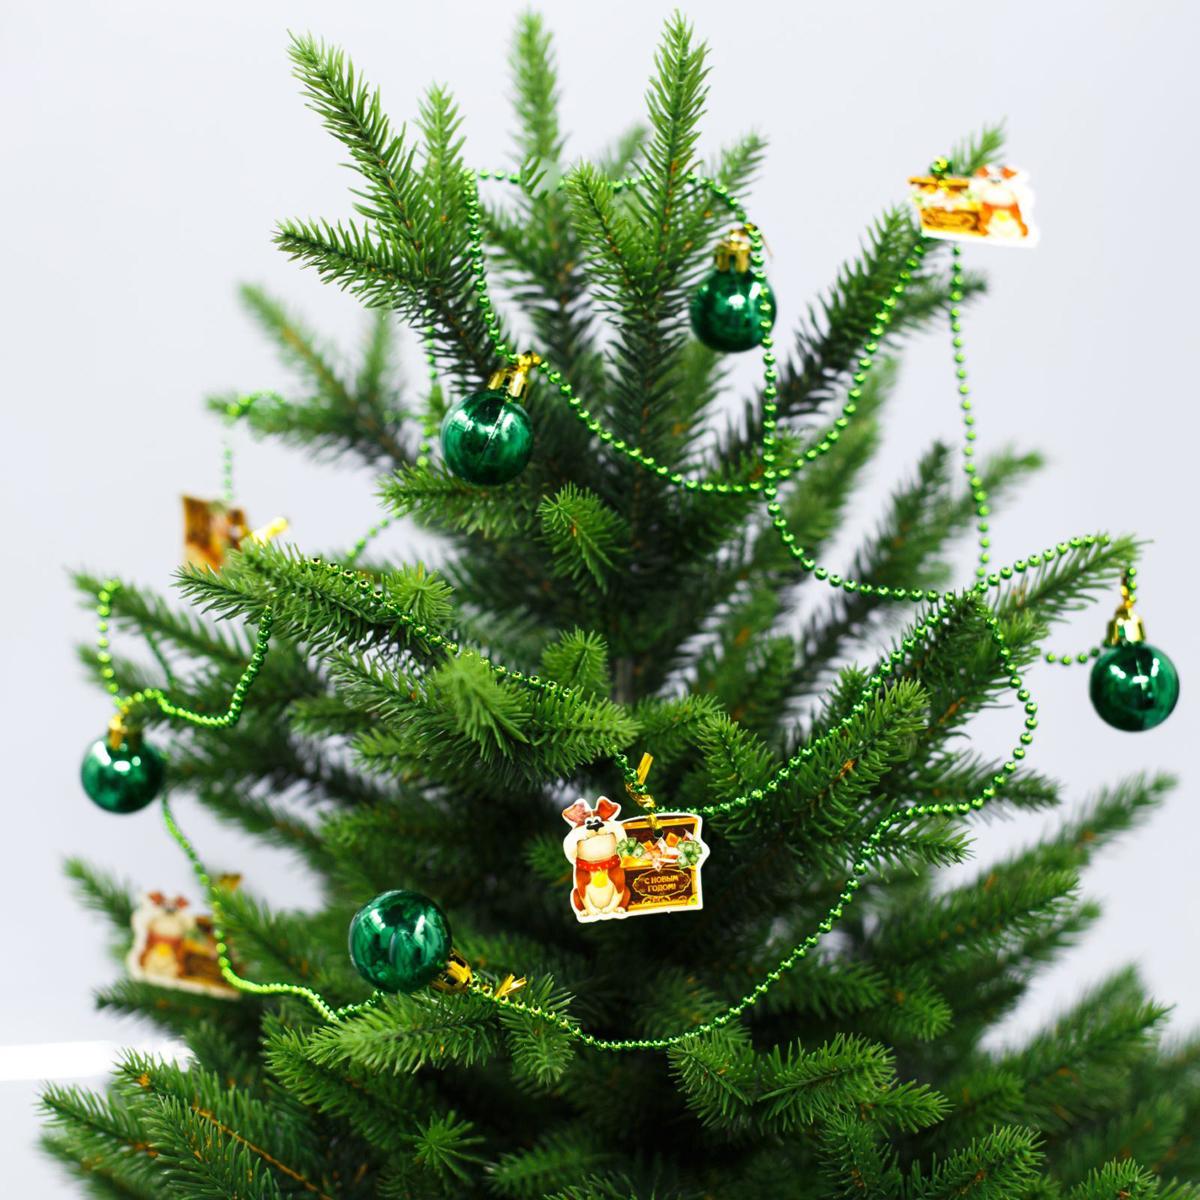 Гирлянда новогодняя С Новым годом. Сундук, длина 2 м2301777Как приятно преображать жилище в преддверии долгожданного торжества! Декором можно не только оформить елку, но и украсить шкаф или стену.